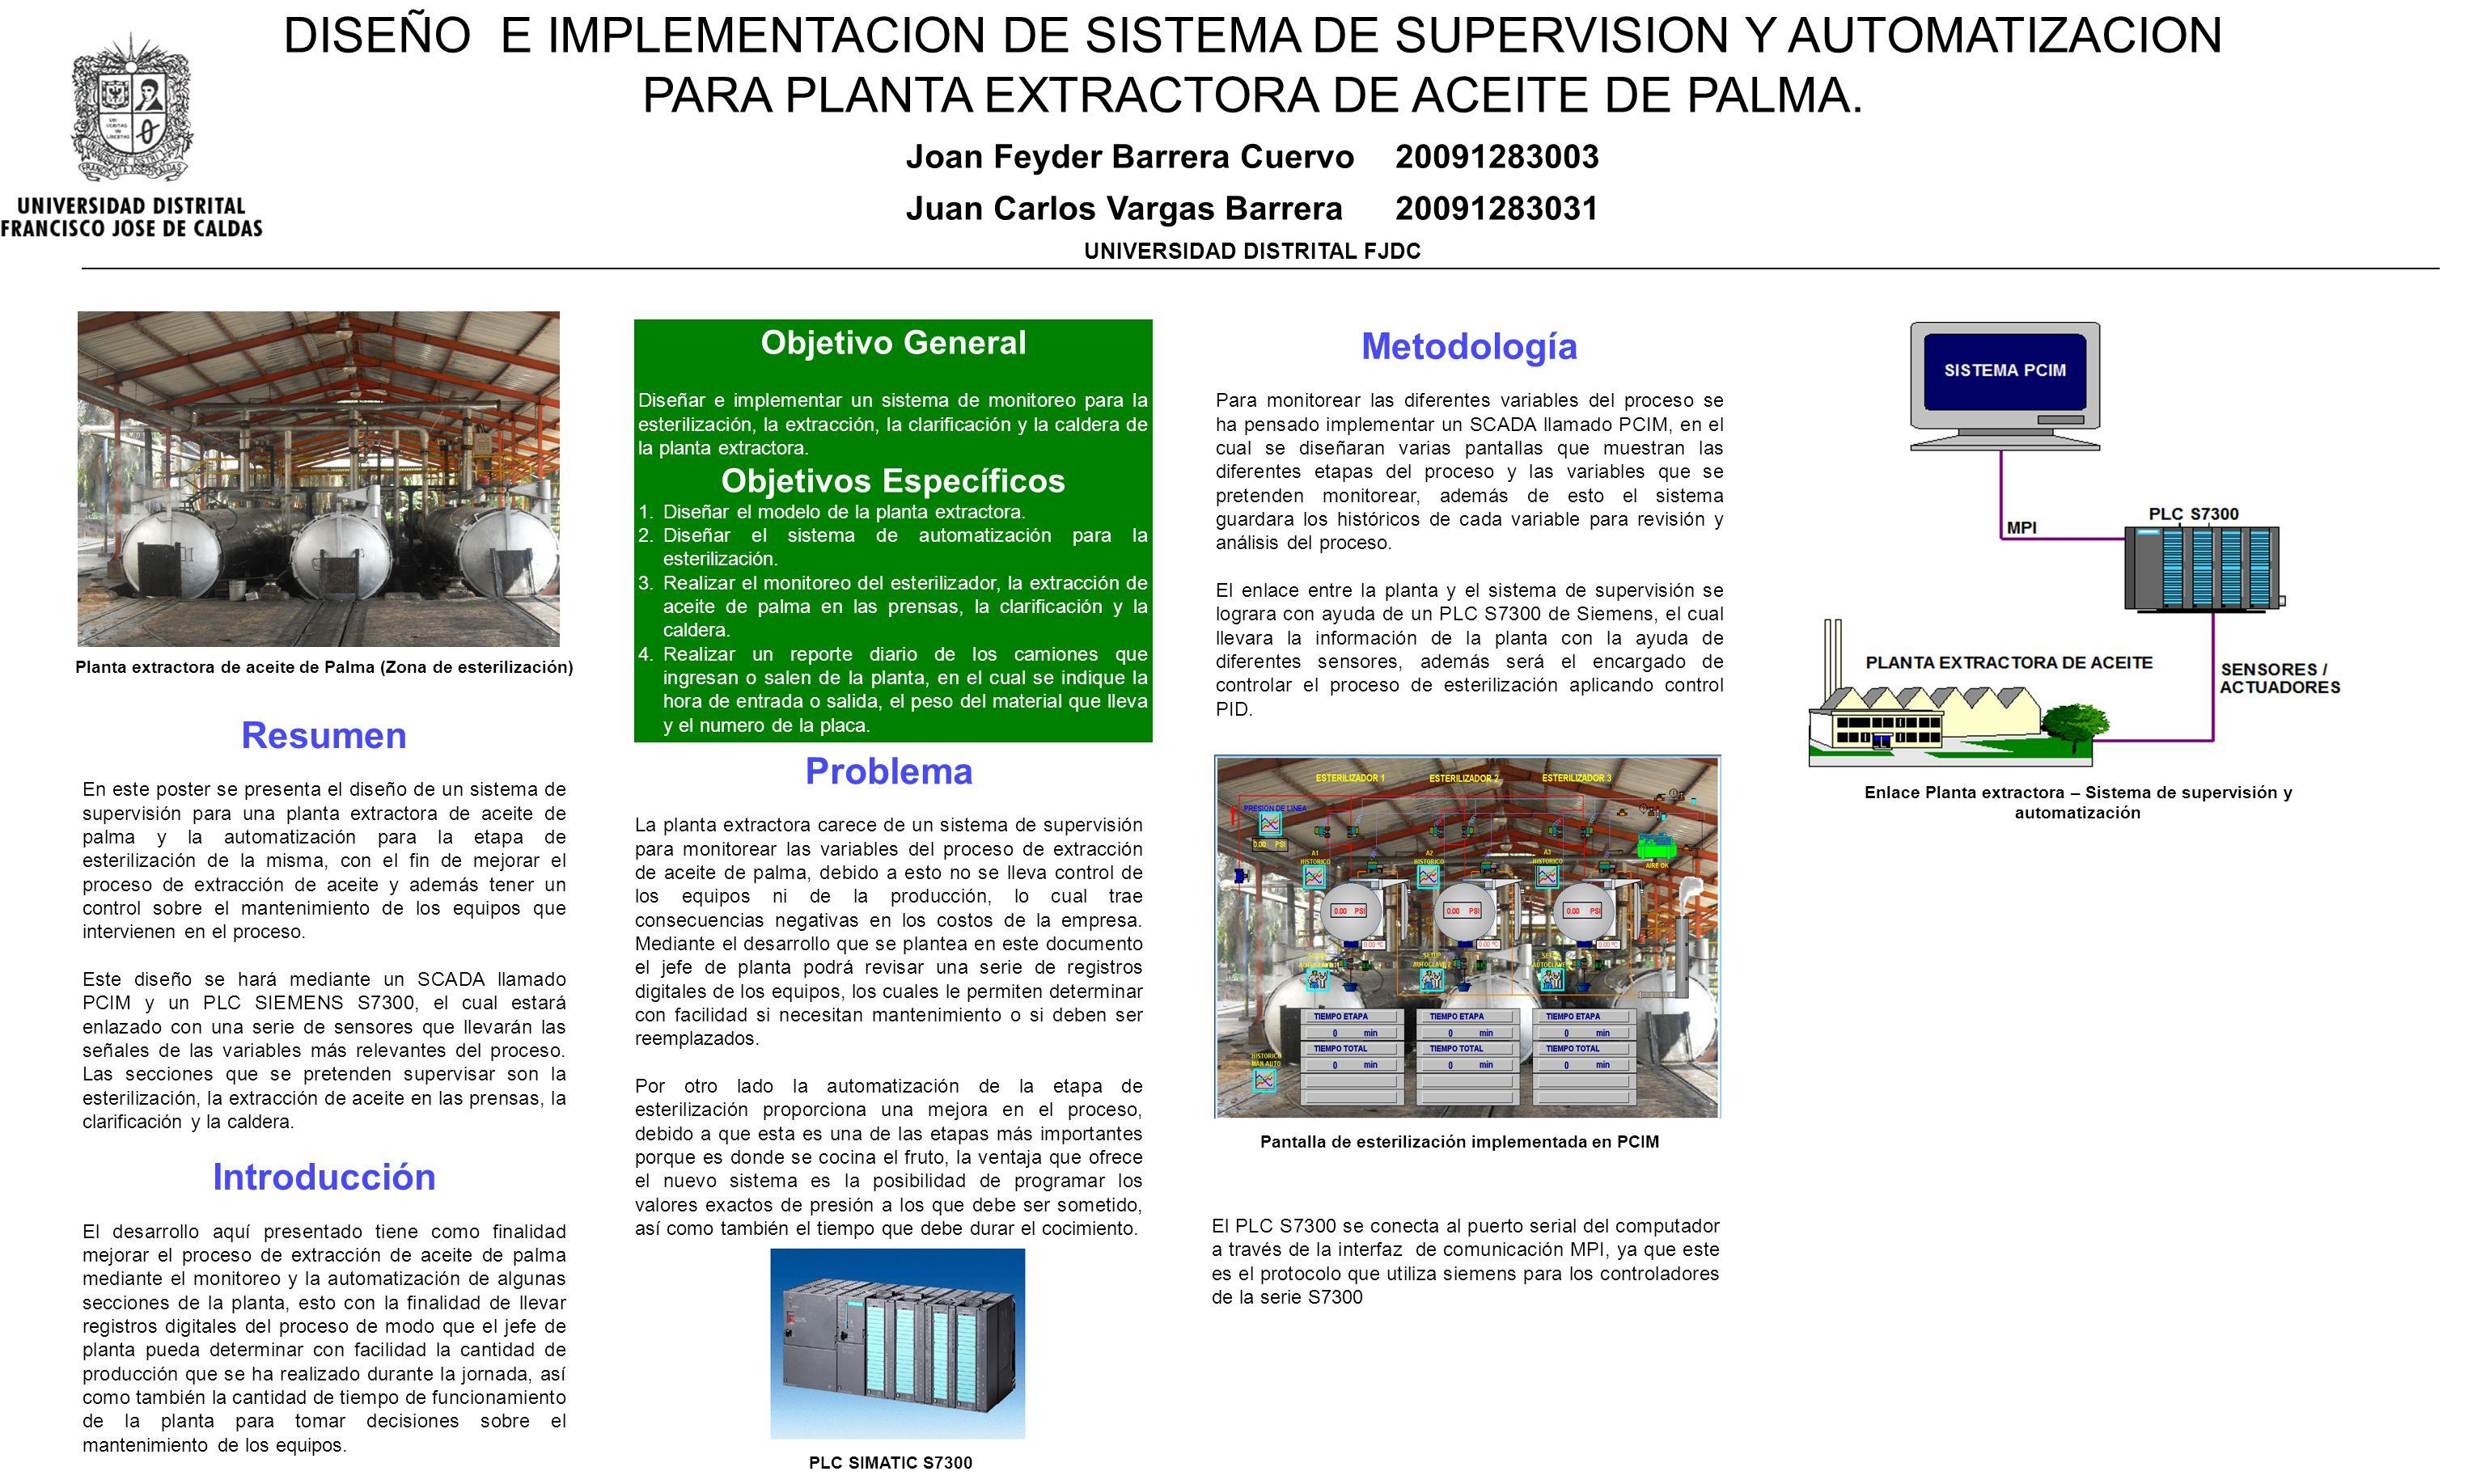 Problema La planta extractora carece de un sistema de supervisión para monitorear las variables del proceso de extracción de aceite de palma, debido a